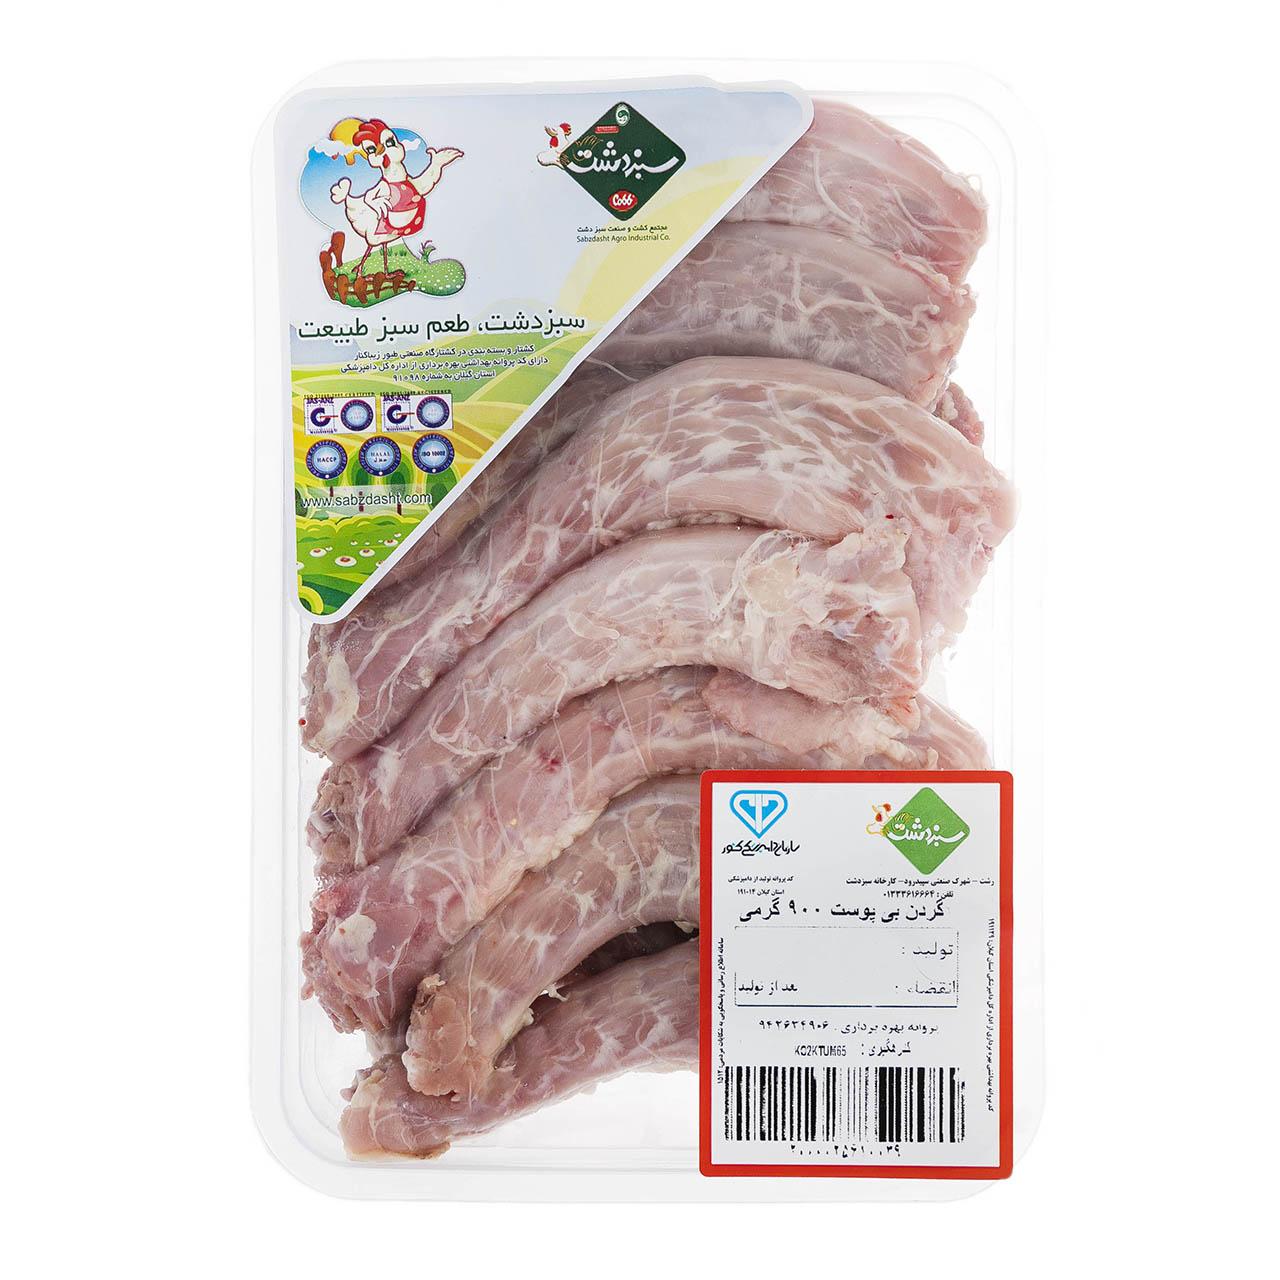 منتخب محصولات پرفروش گوشت مرغ